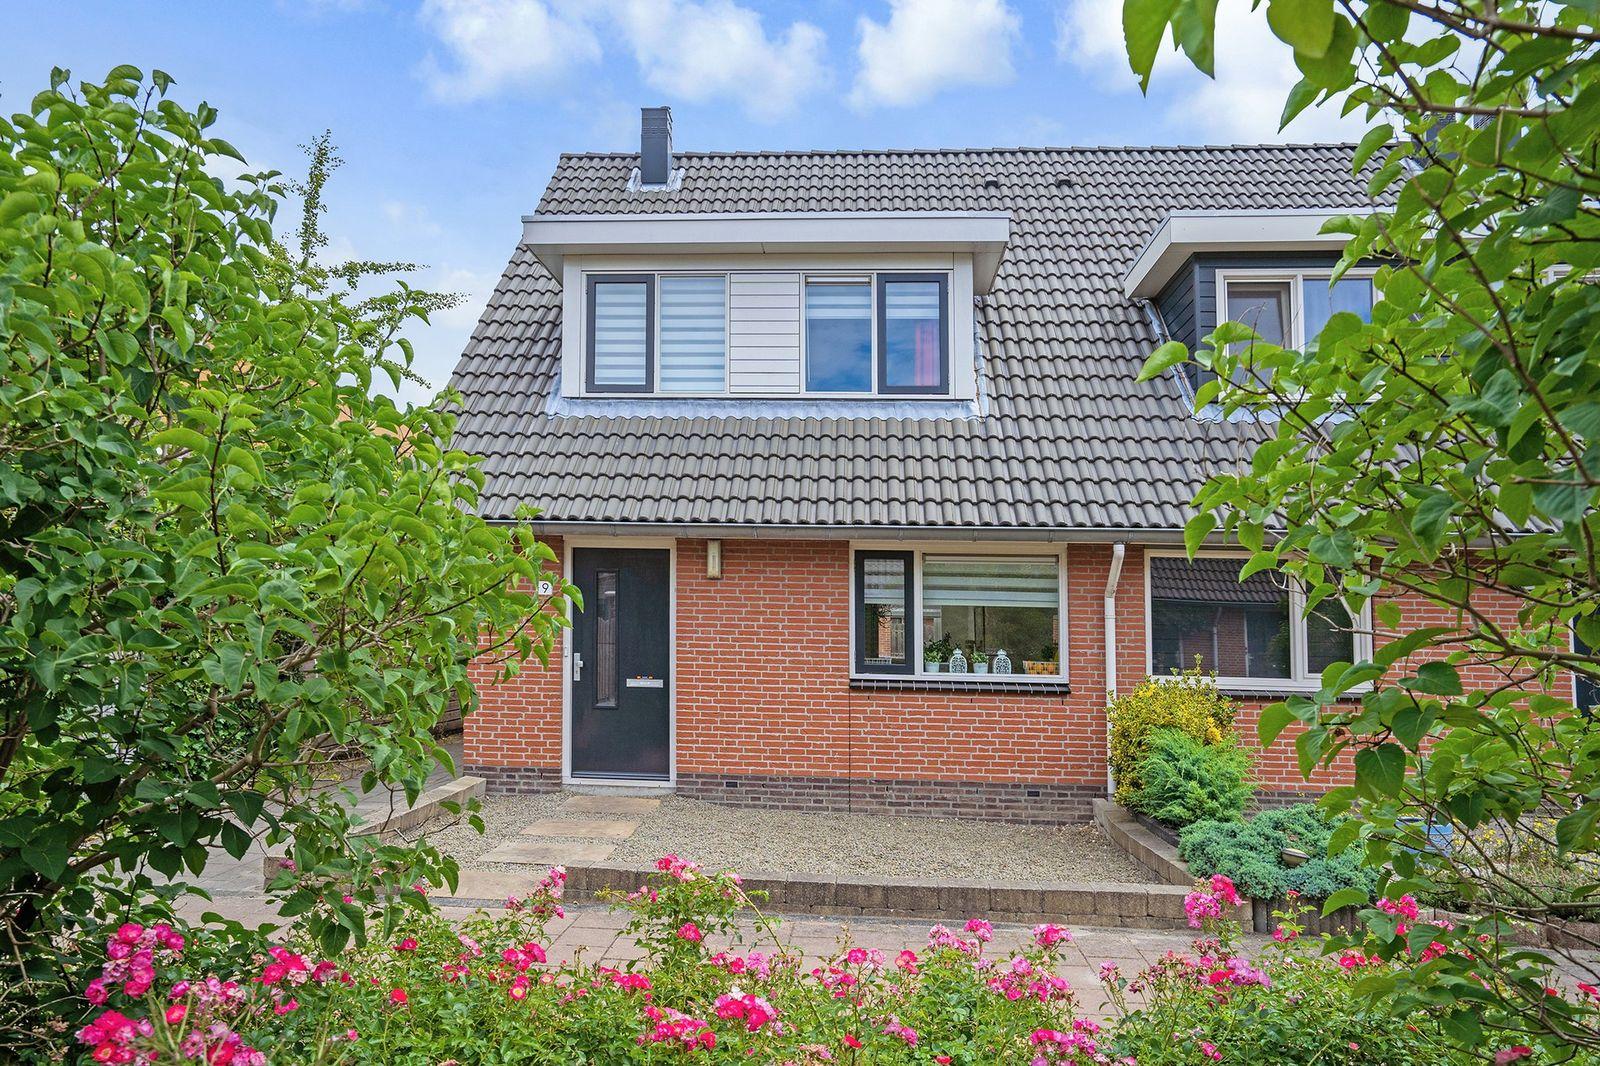 Jansen-akker 9, Barendrecht